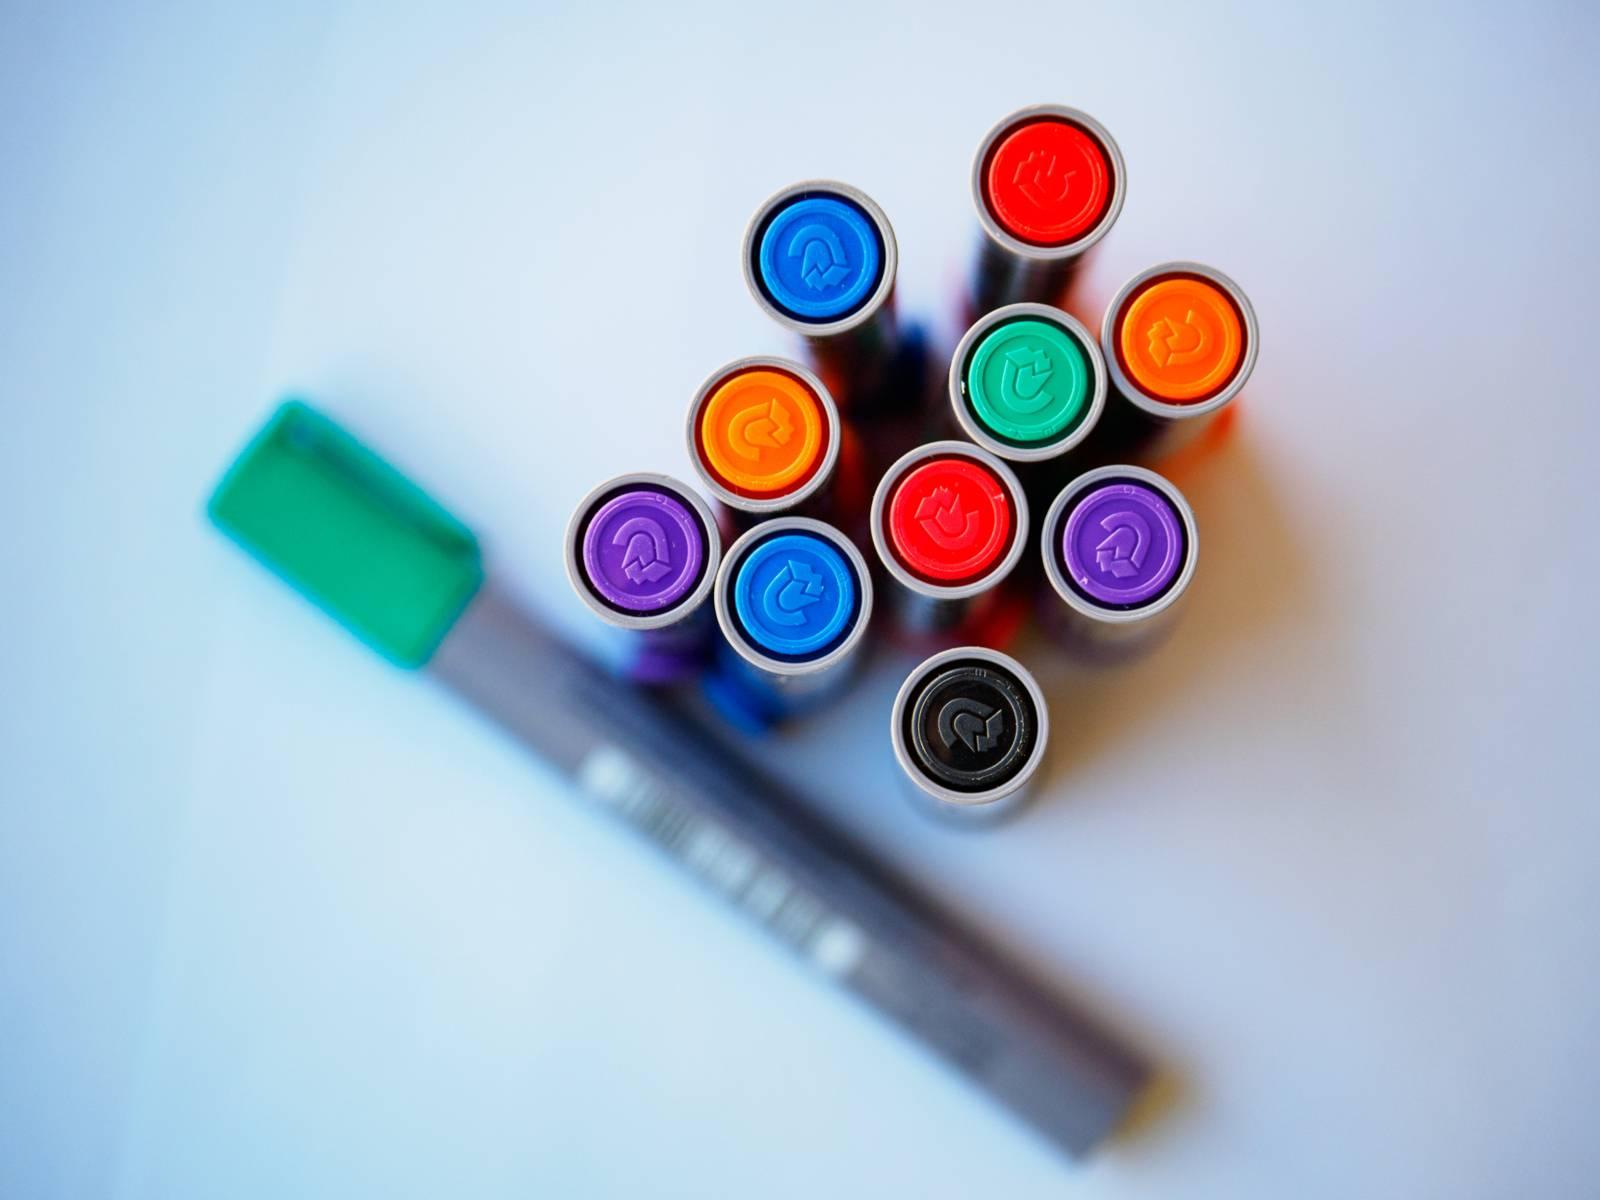 Elf dicke Stifte in verschiedenen Farben.